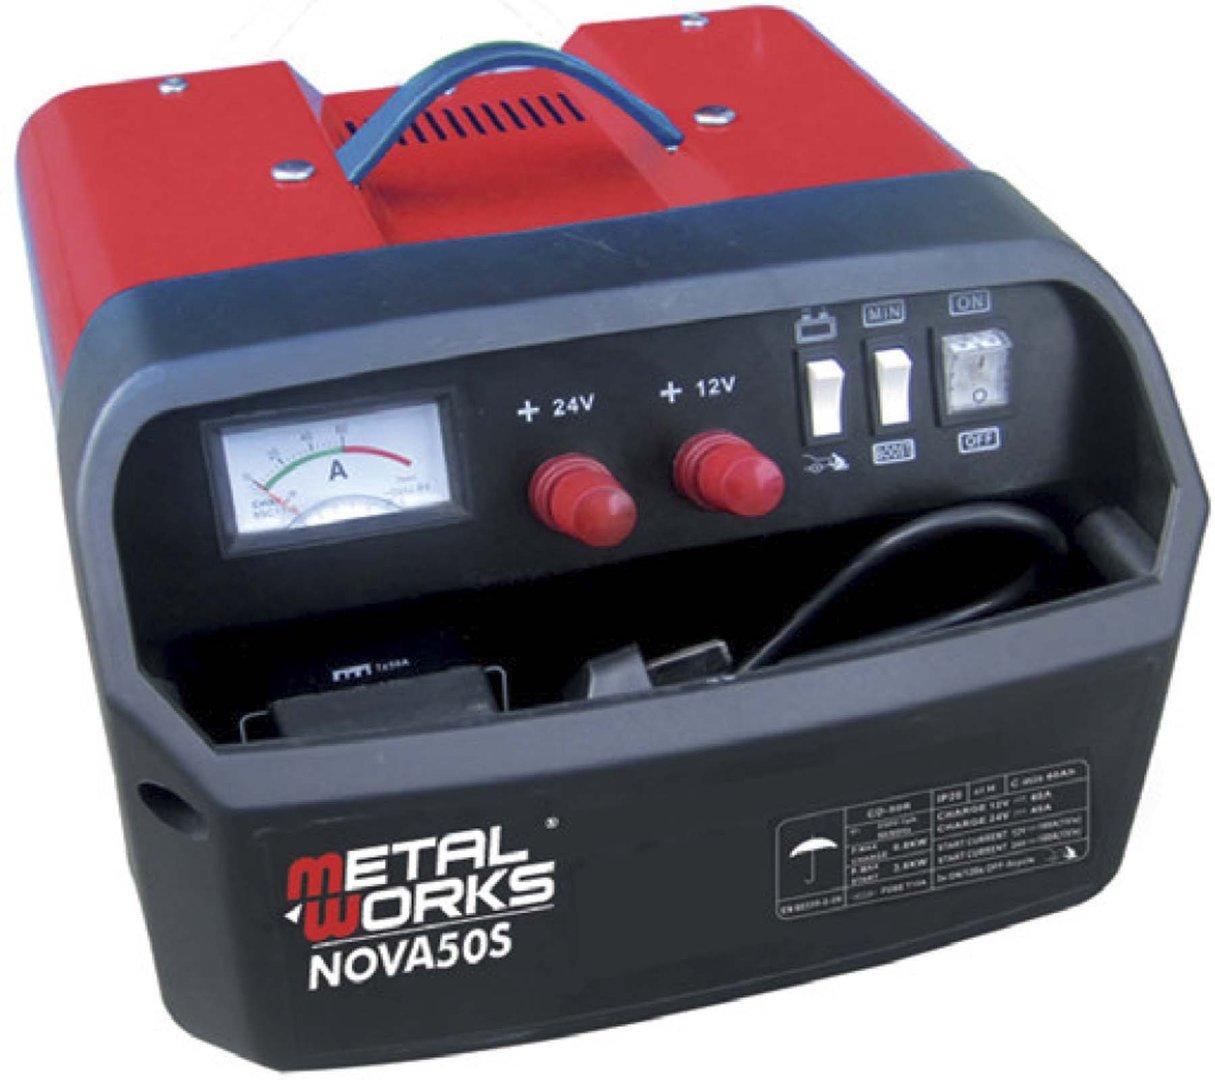 Cargador y arrancador de baterias 12 y 24 v metalworks nova 50s - Cargador de pilas precio ...